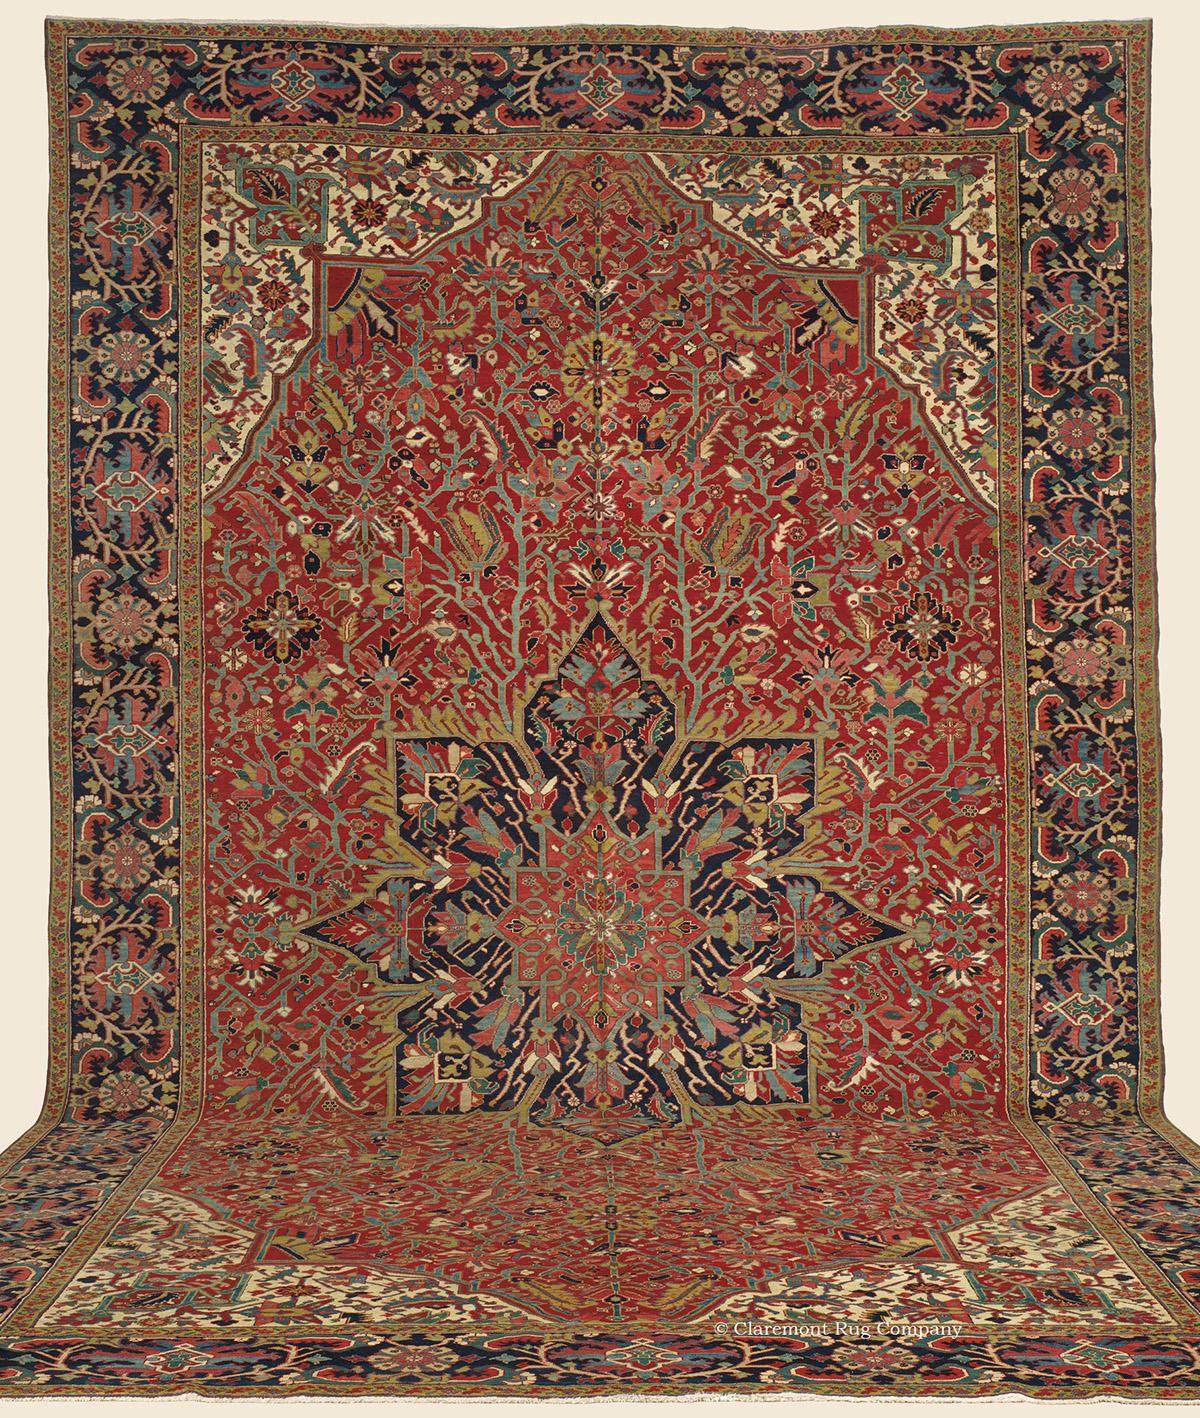 Antique Persian Heriz Rug Bb2402: HERIZ, Northwest Persian Antique Rug